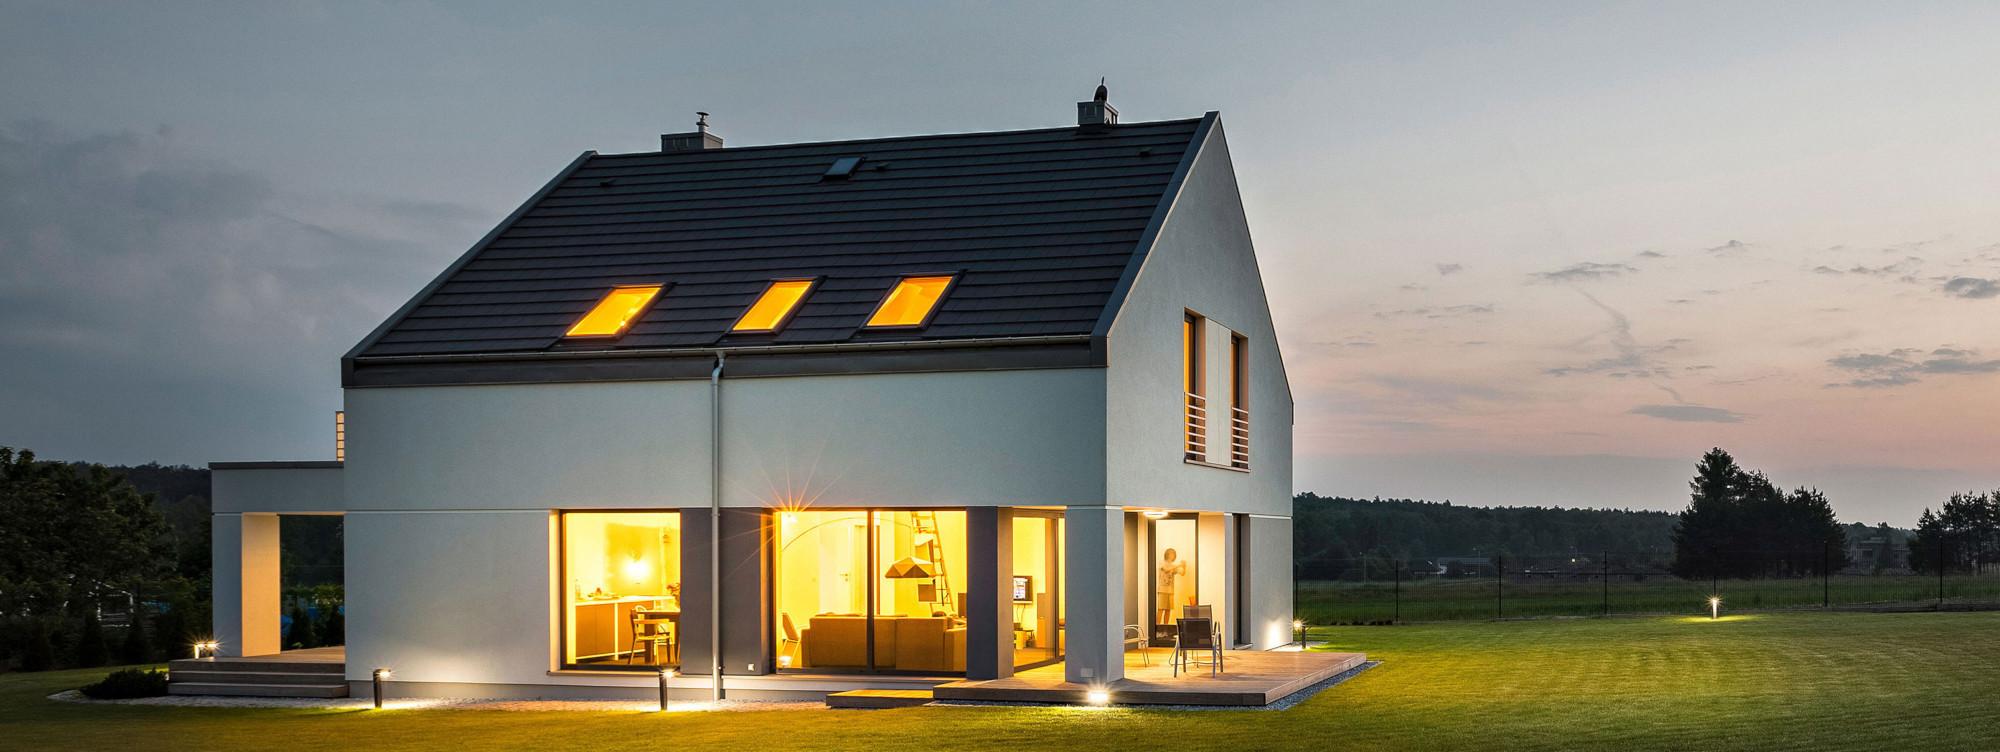 Haus mit Licht in der Abdenddämmerung